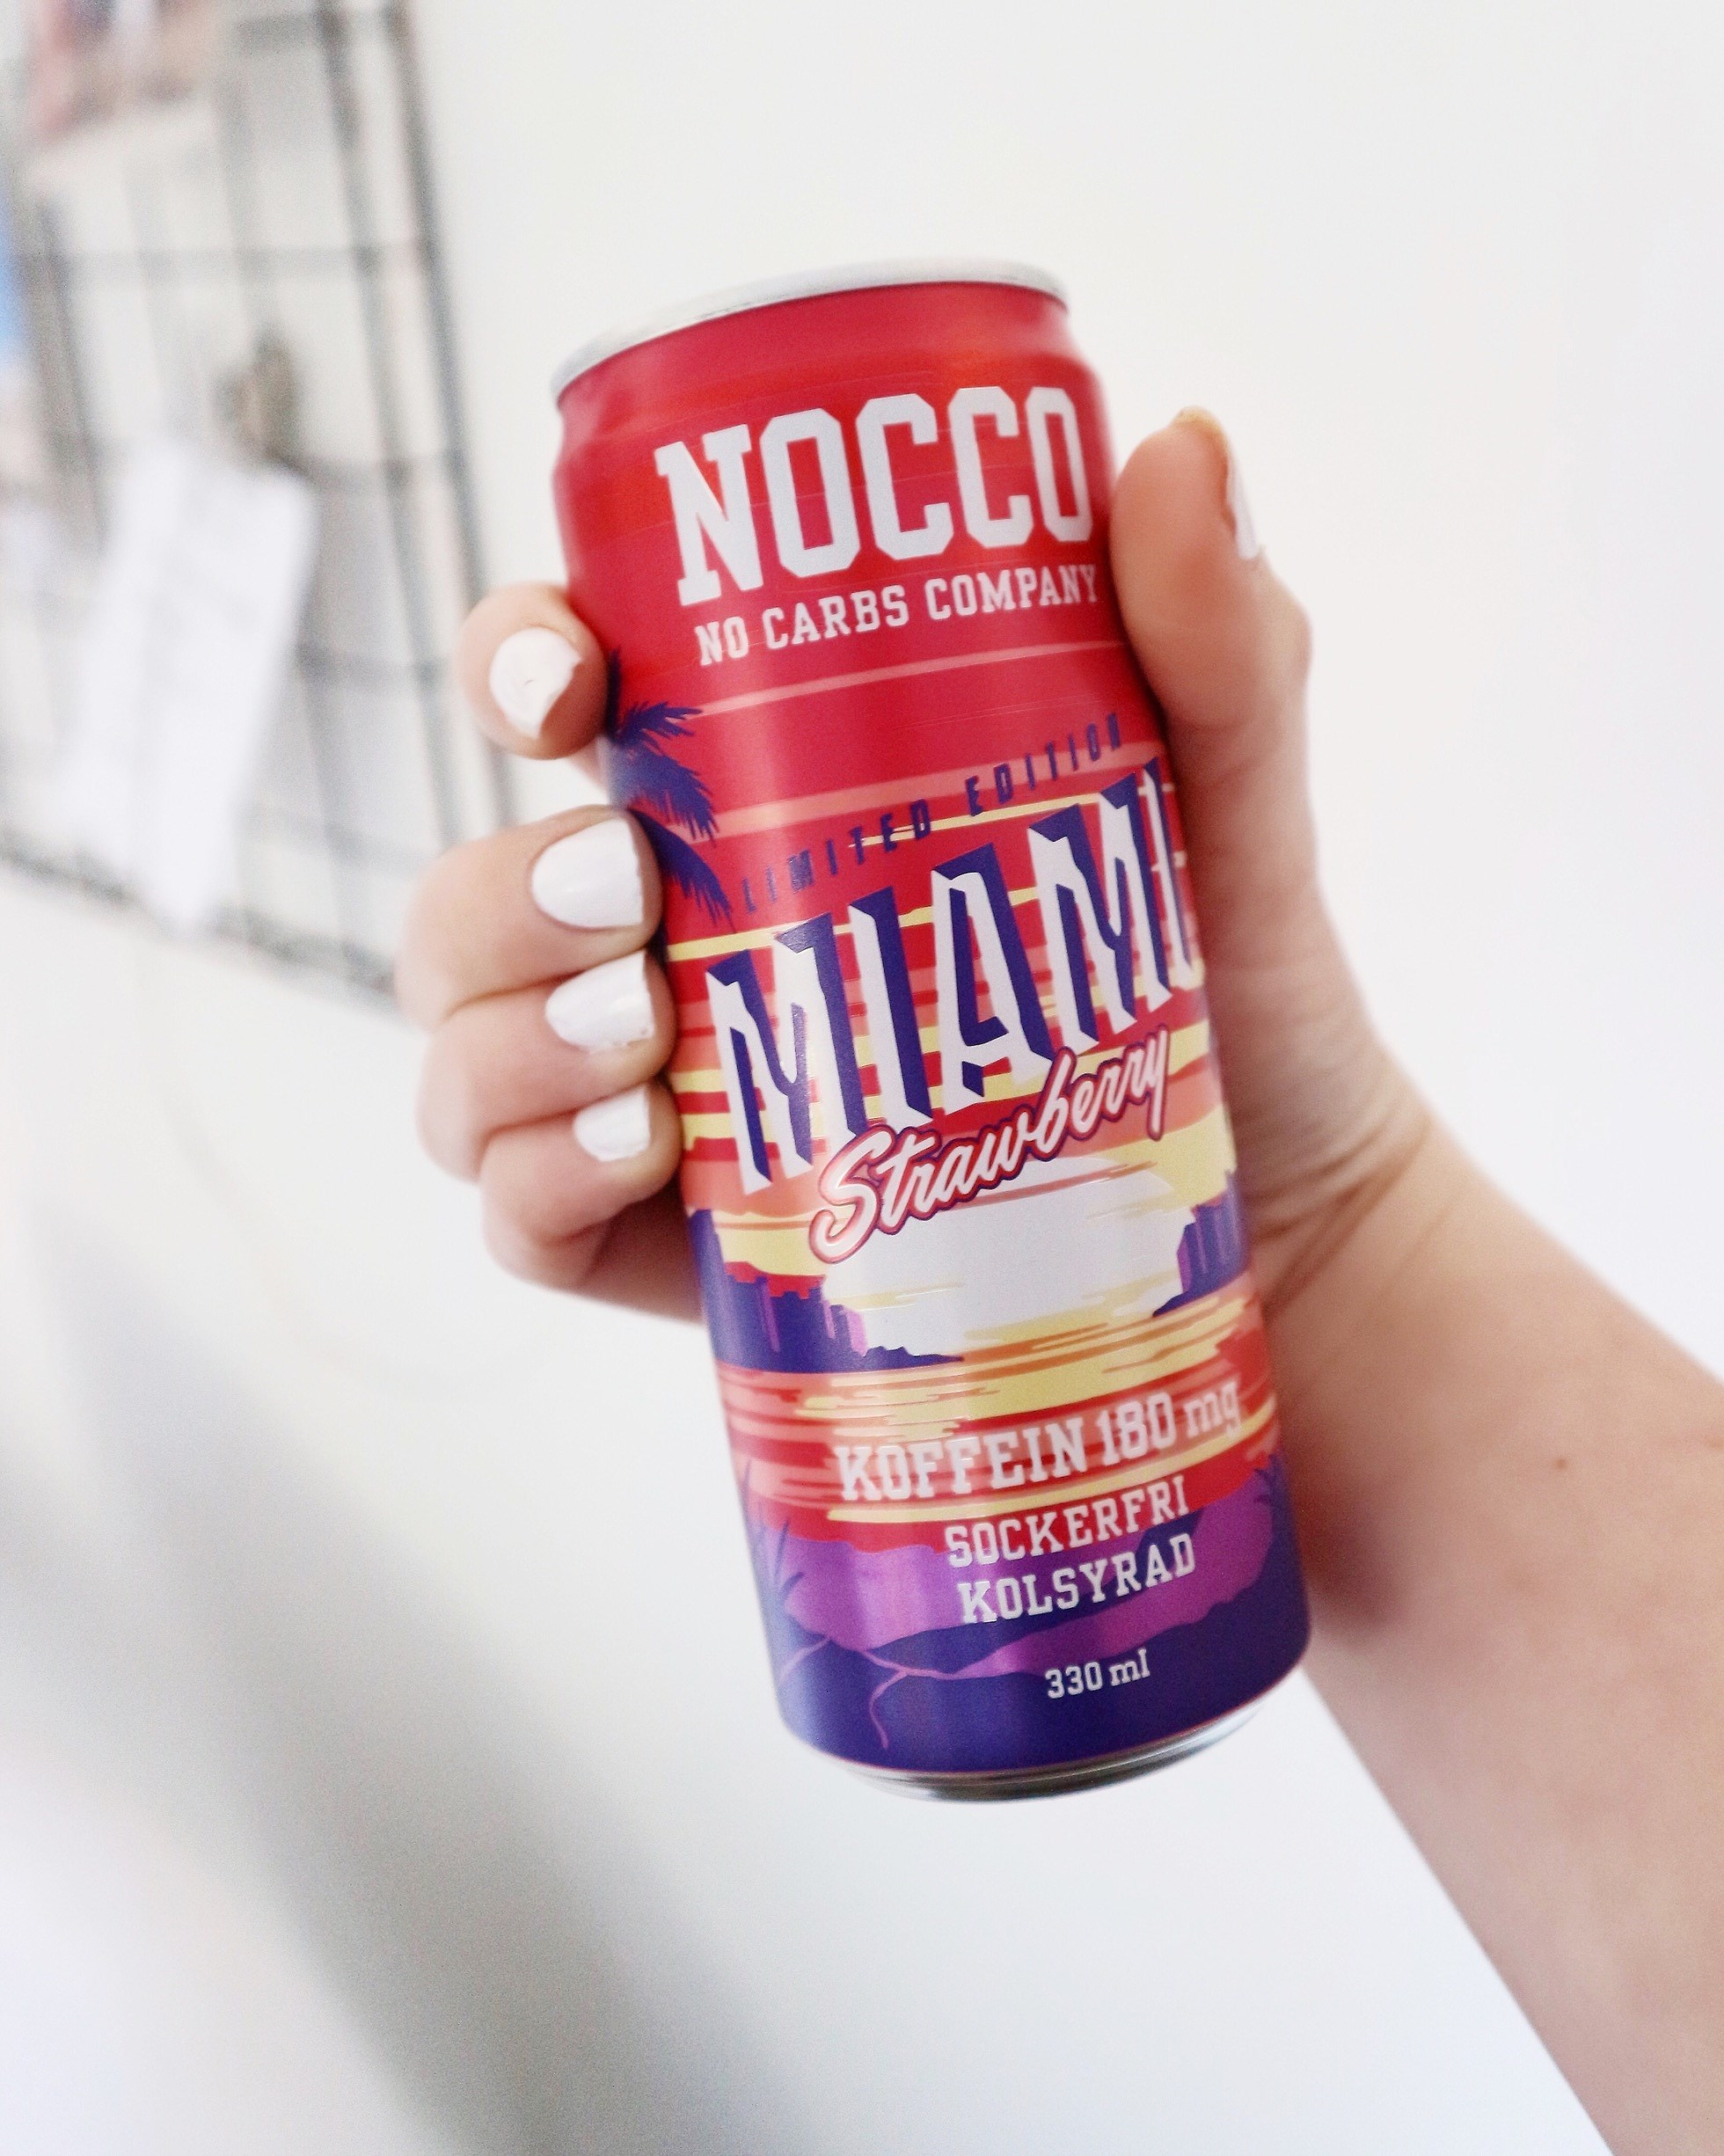 Nocco Miami Strawberry